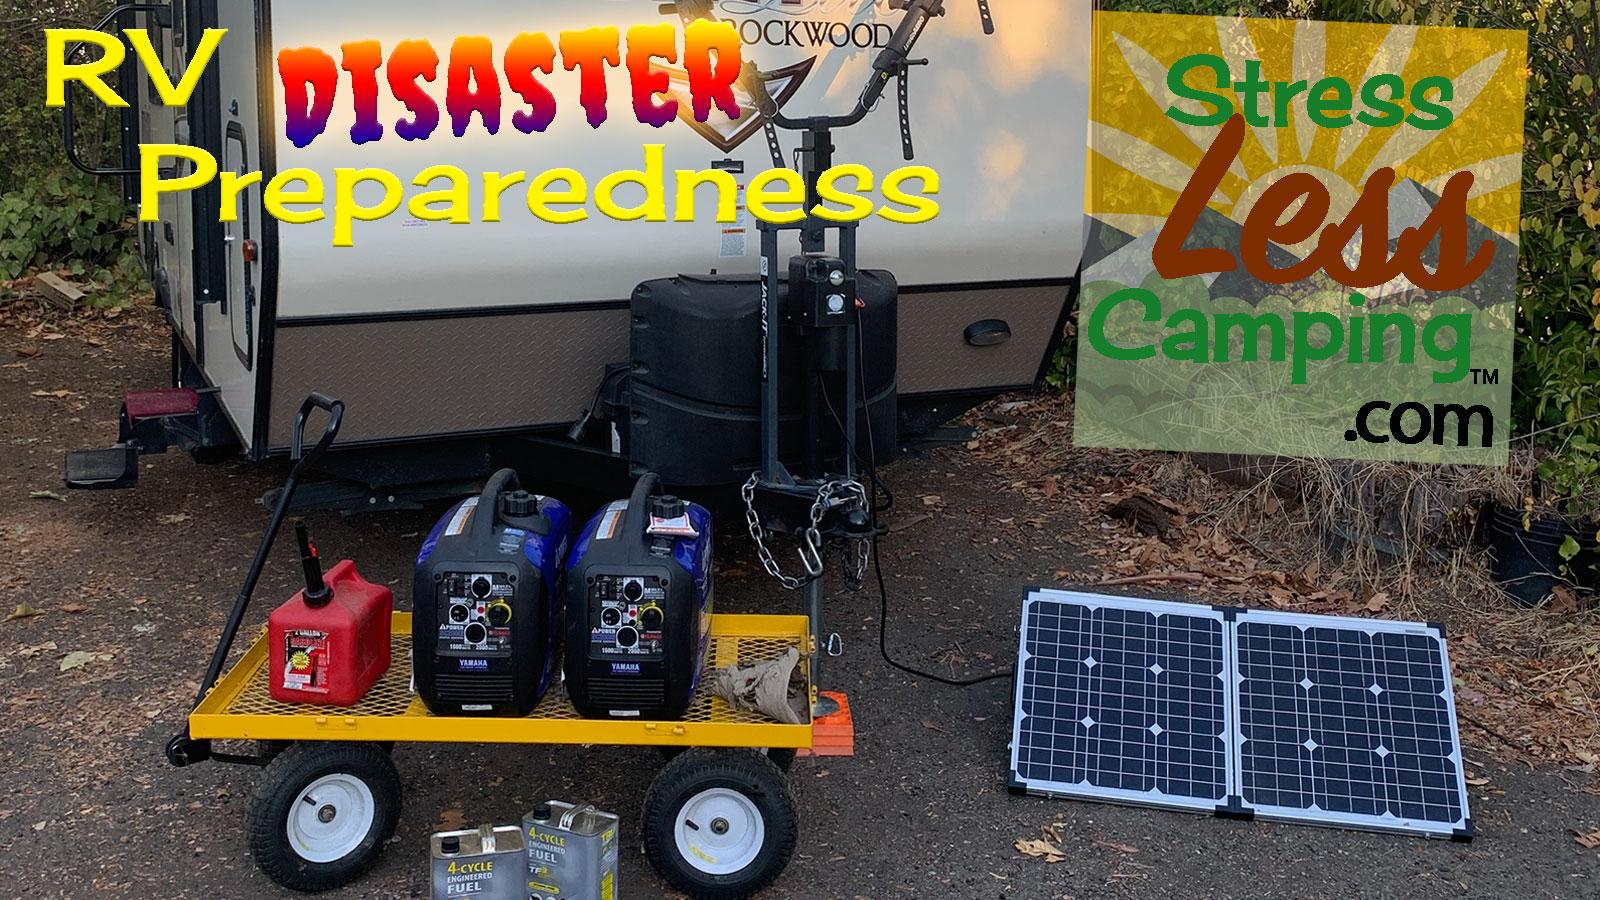 RV-disaster-preparedness-16-9.jpg